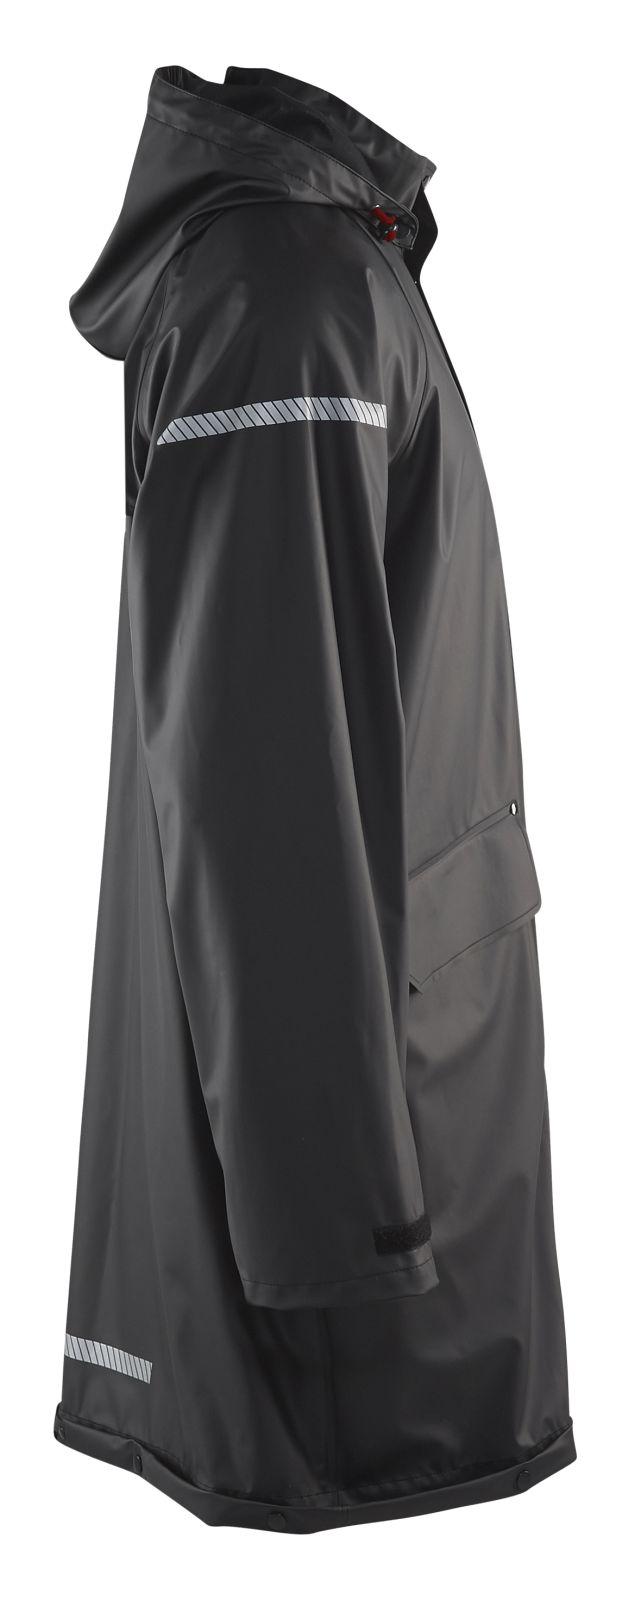 Blaklader Regenjassen 43012000 zwart(9900)